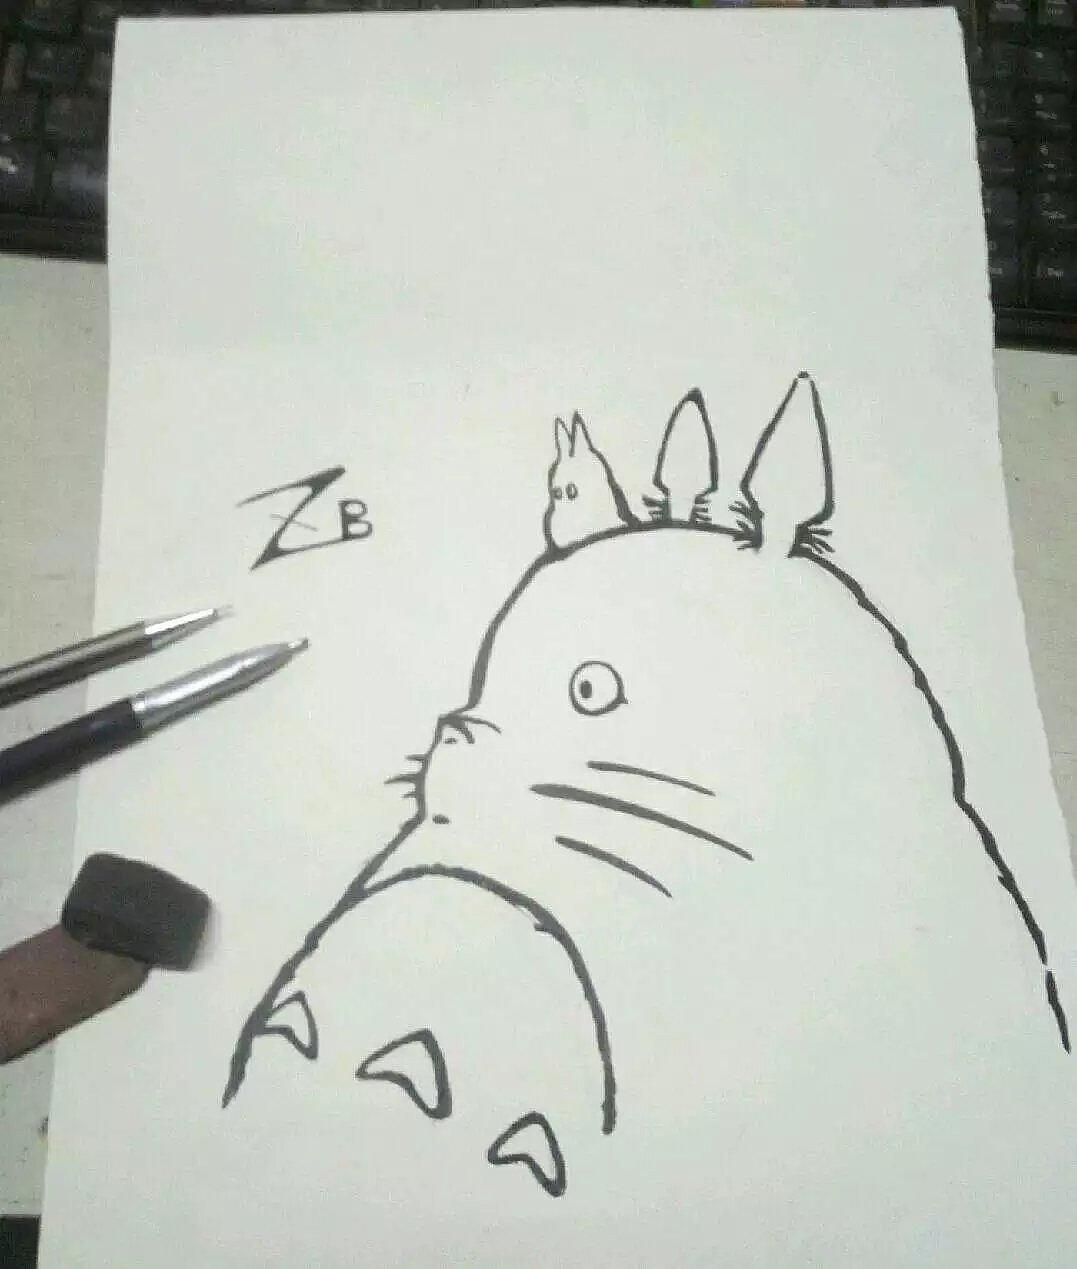 b手绘插画黑白水笔画